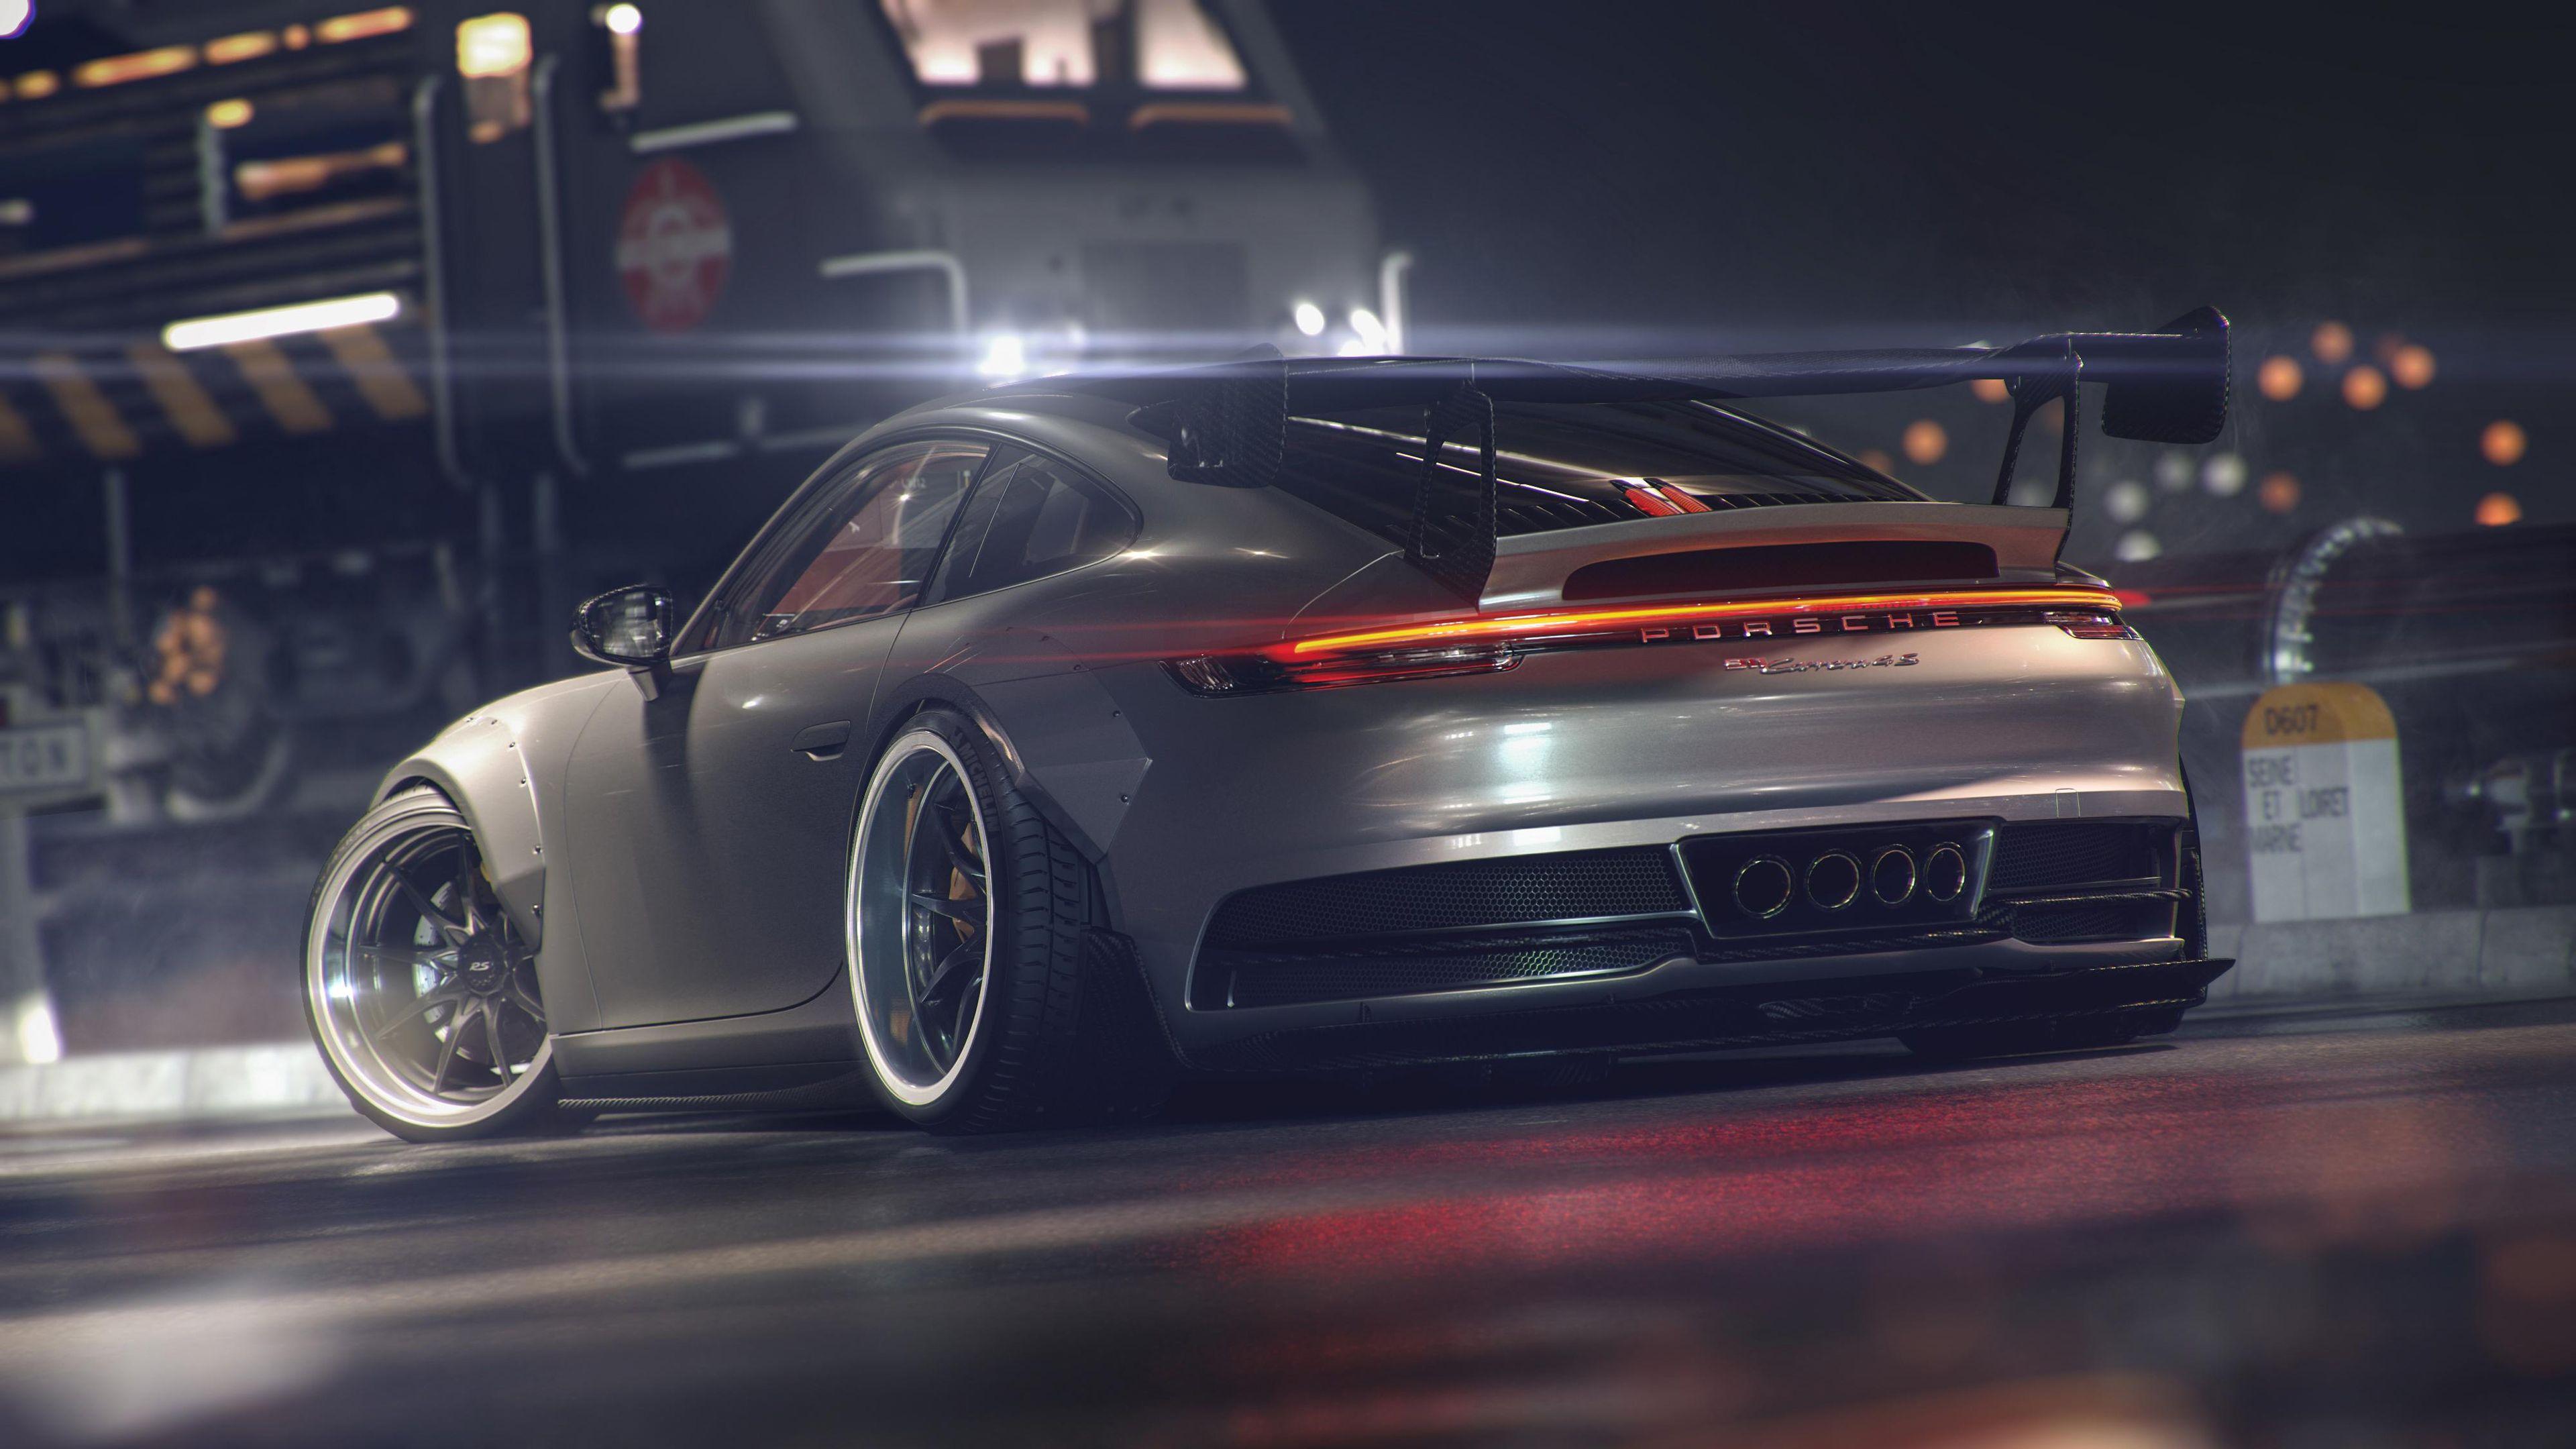 Porsche 911 Gt Wallpapers Top Free Porsche 911 Gt Backgrounds Wallpaperaccess